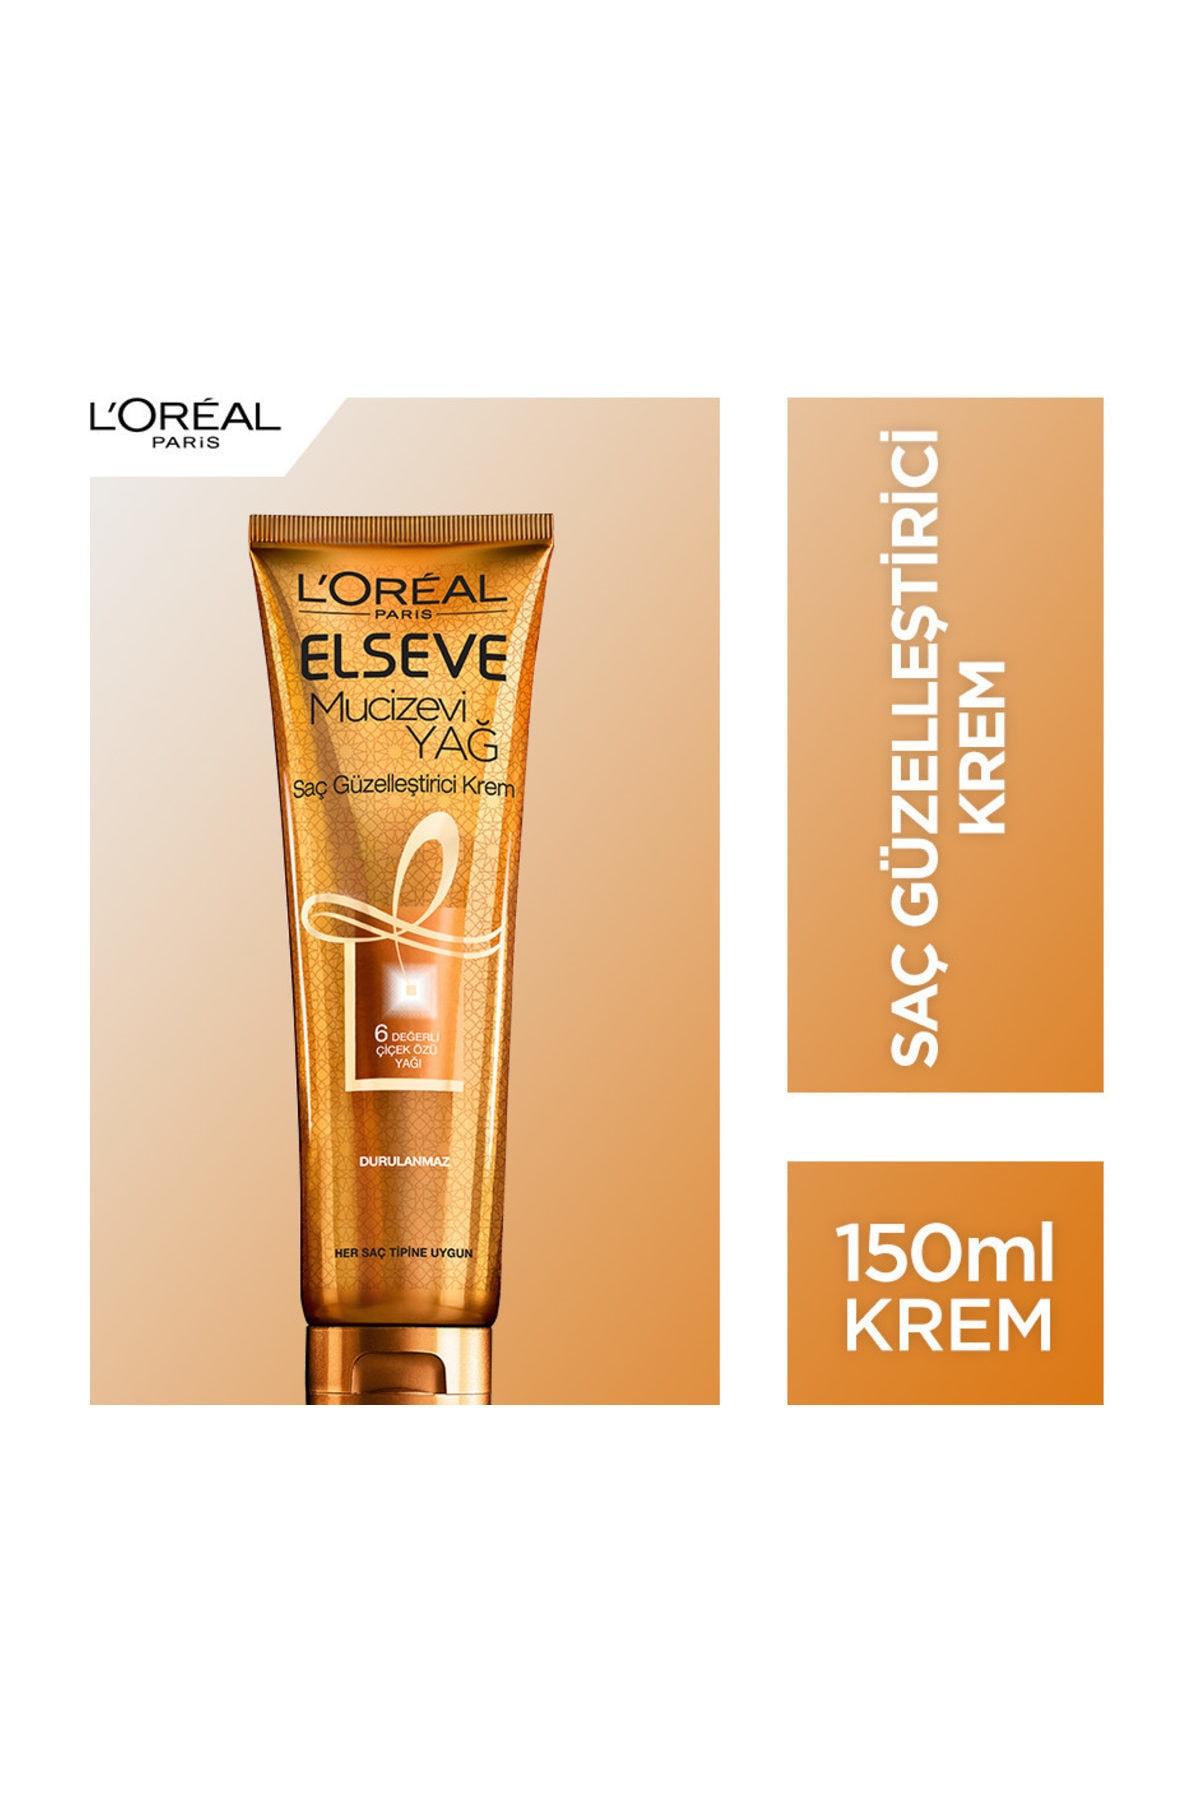 L'Oreal Paris Elseve Mucizevi Yağ Saç Güzelleştirici Krem 150 Ml (Her Saç Tipine Uygun) 1